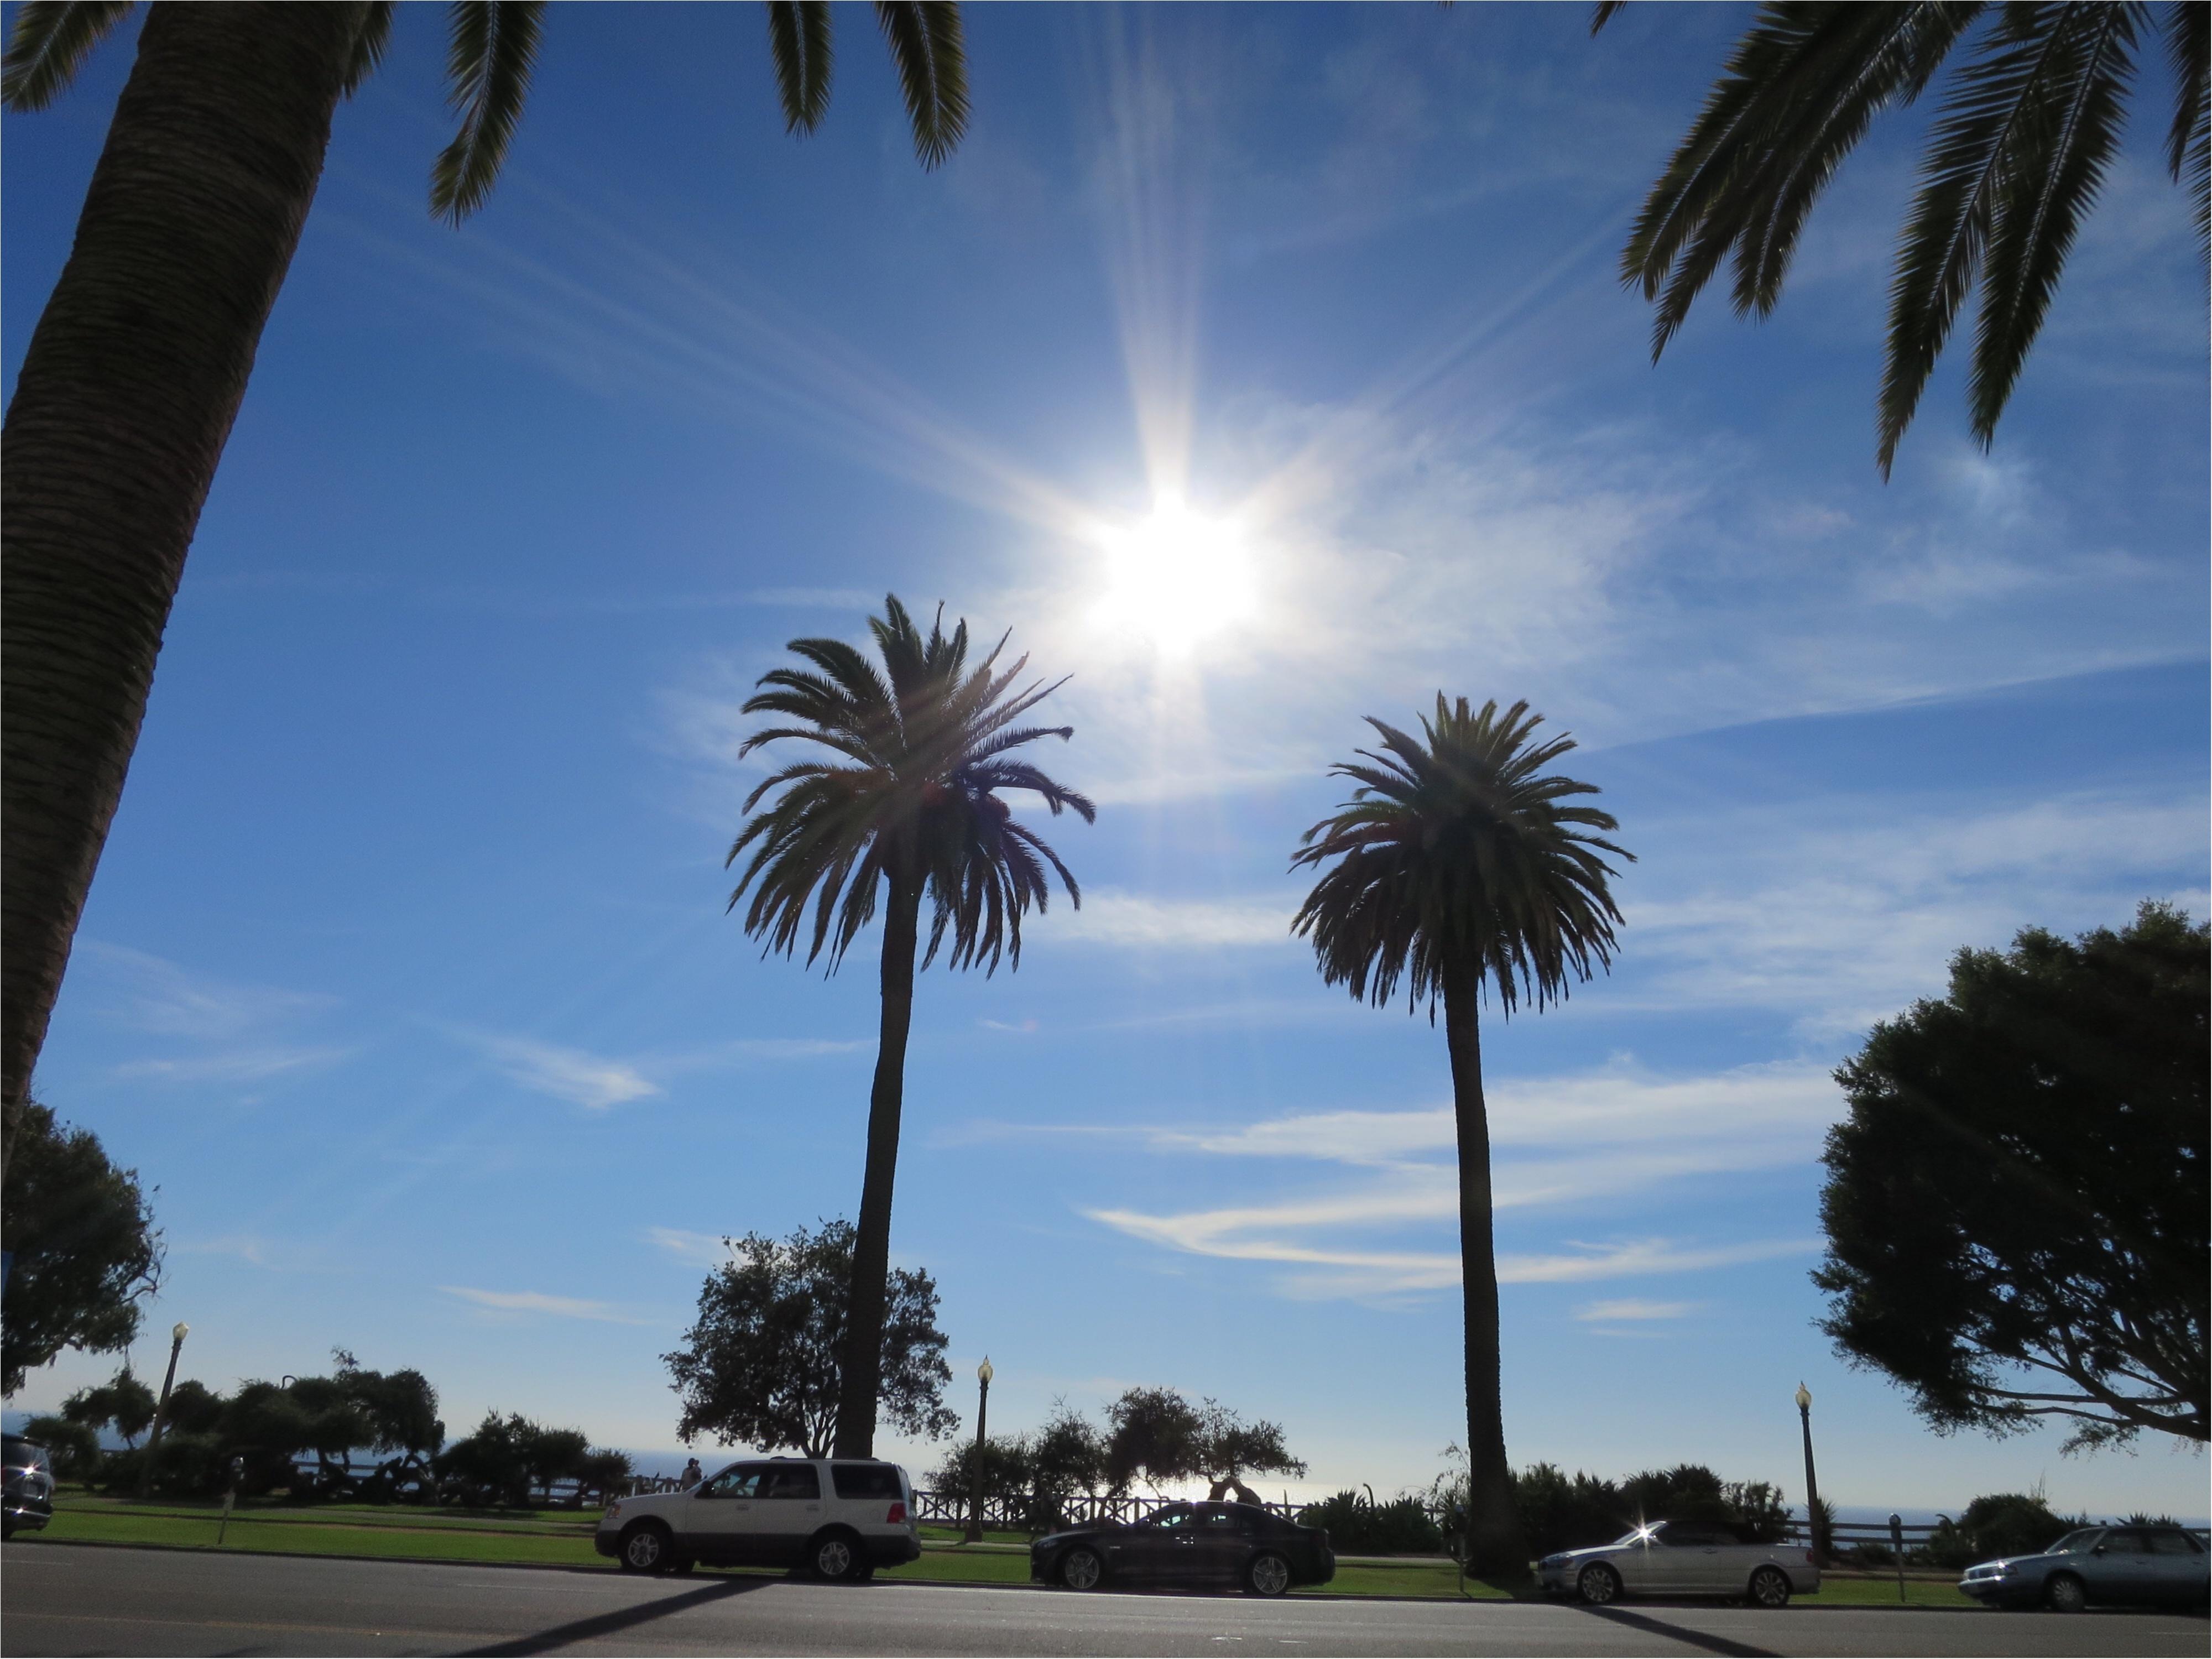 写真でも、きっと伝わるこの魅力✨朝から晩まで眺めた《*ロサンゼルスの広い空*》_1